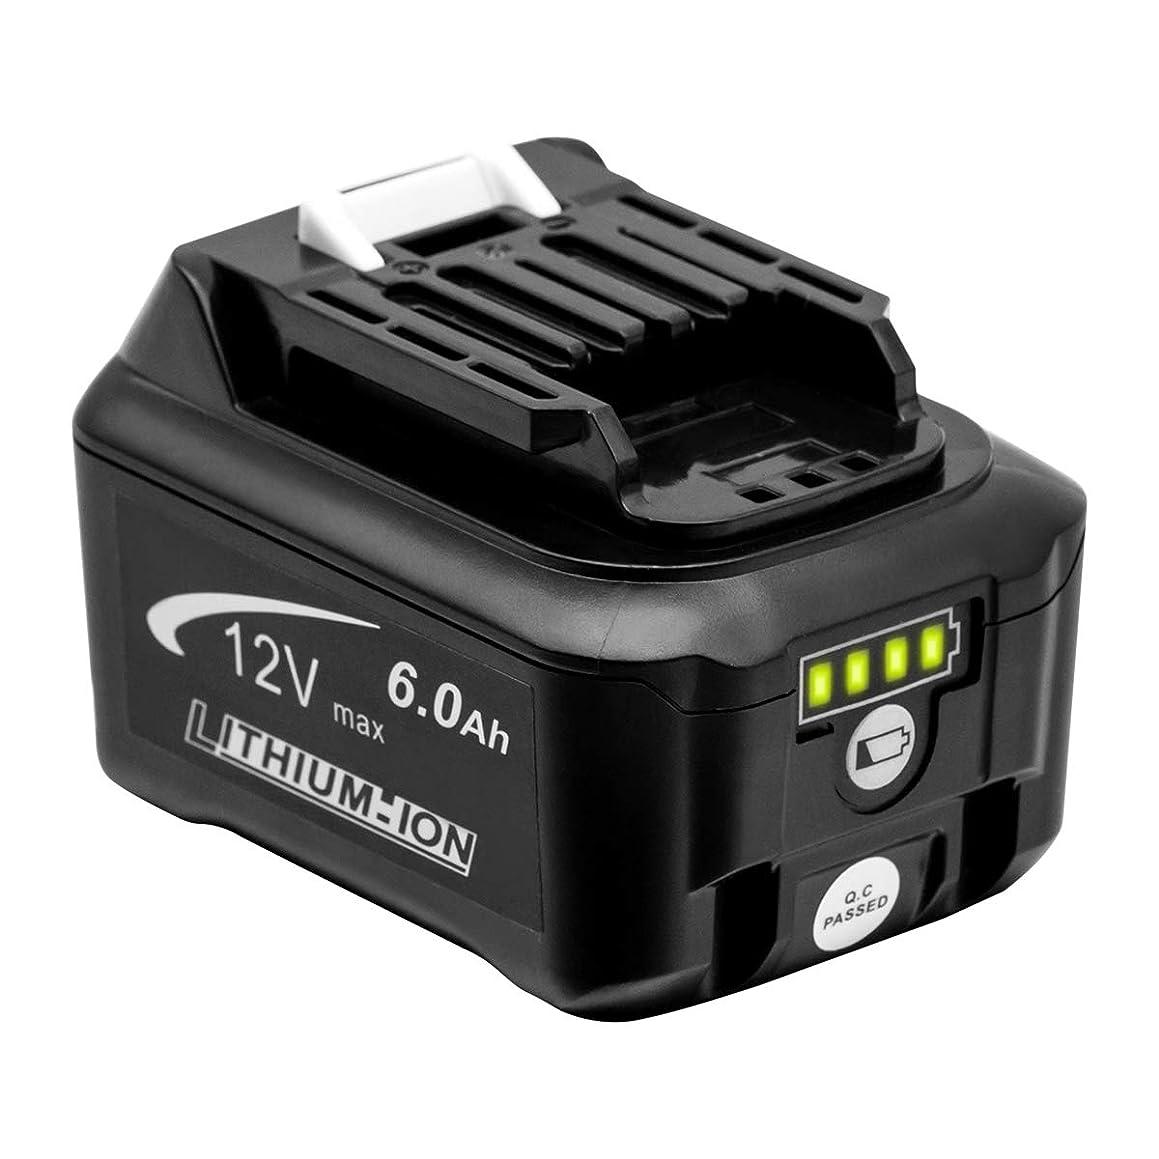 レモンご飯巨大マキタ 10.8V/12V バッテリー BL1060 BL1040 BL1015  互換 残量指示付き 6000mAh リチウムイオン電池